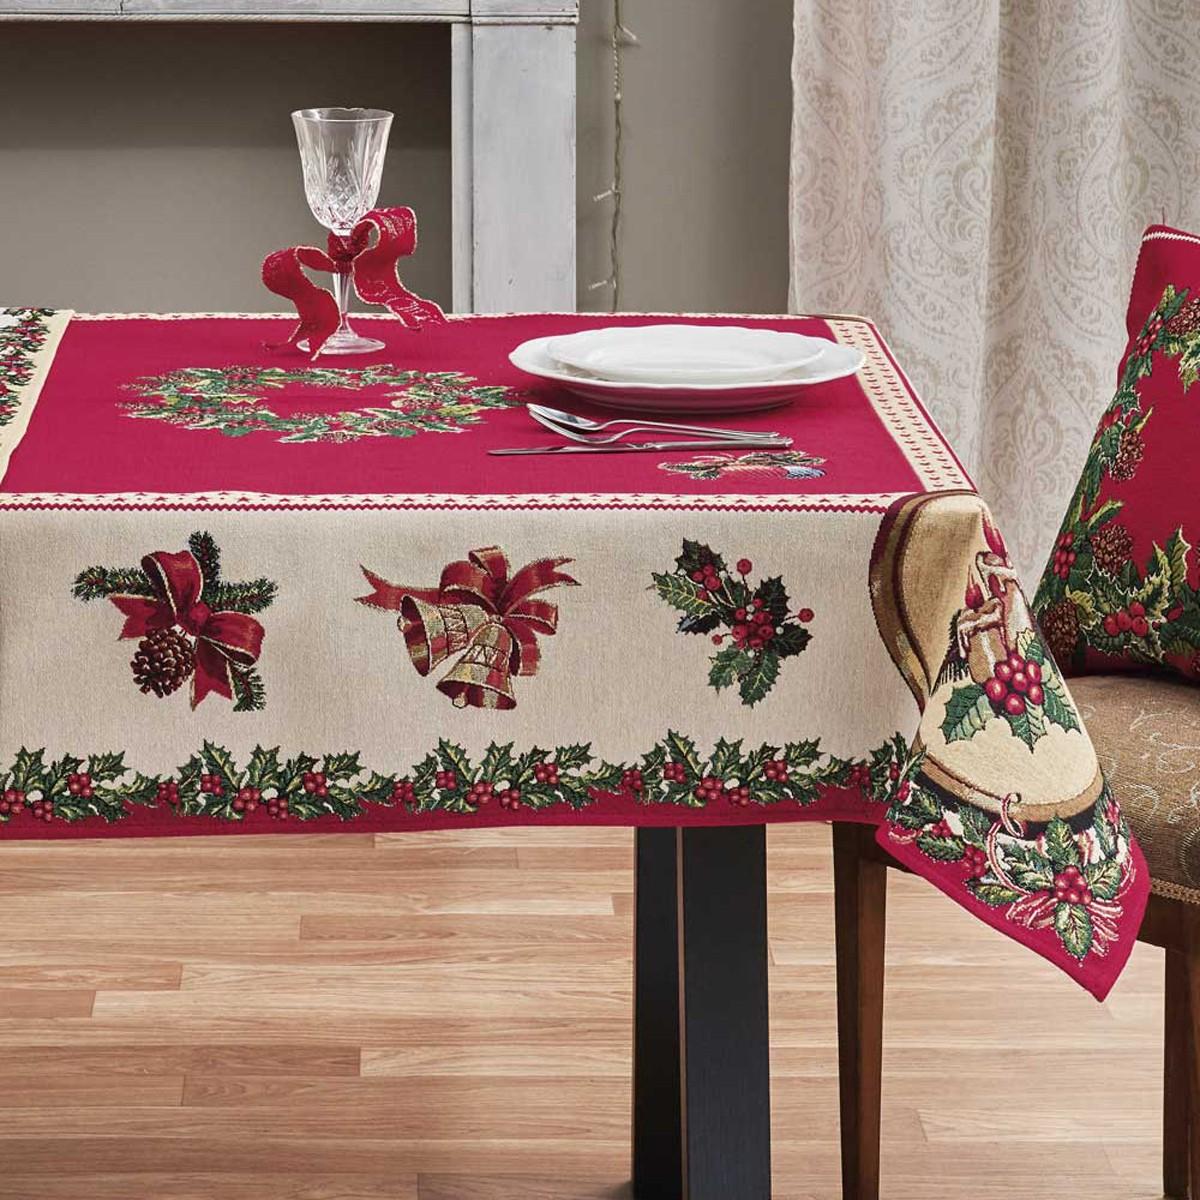 Χριστουγεννιάτικο Τραπεζομάντηλο (135×175) Kentia Made Holly 17